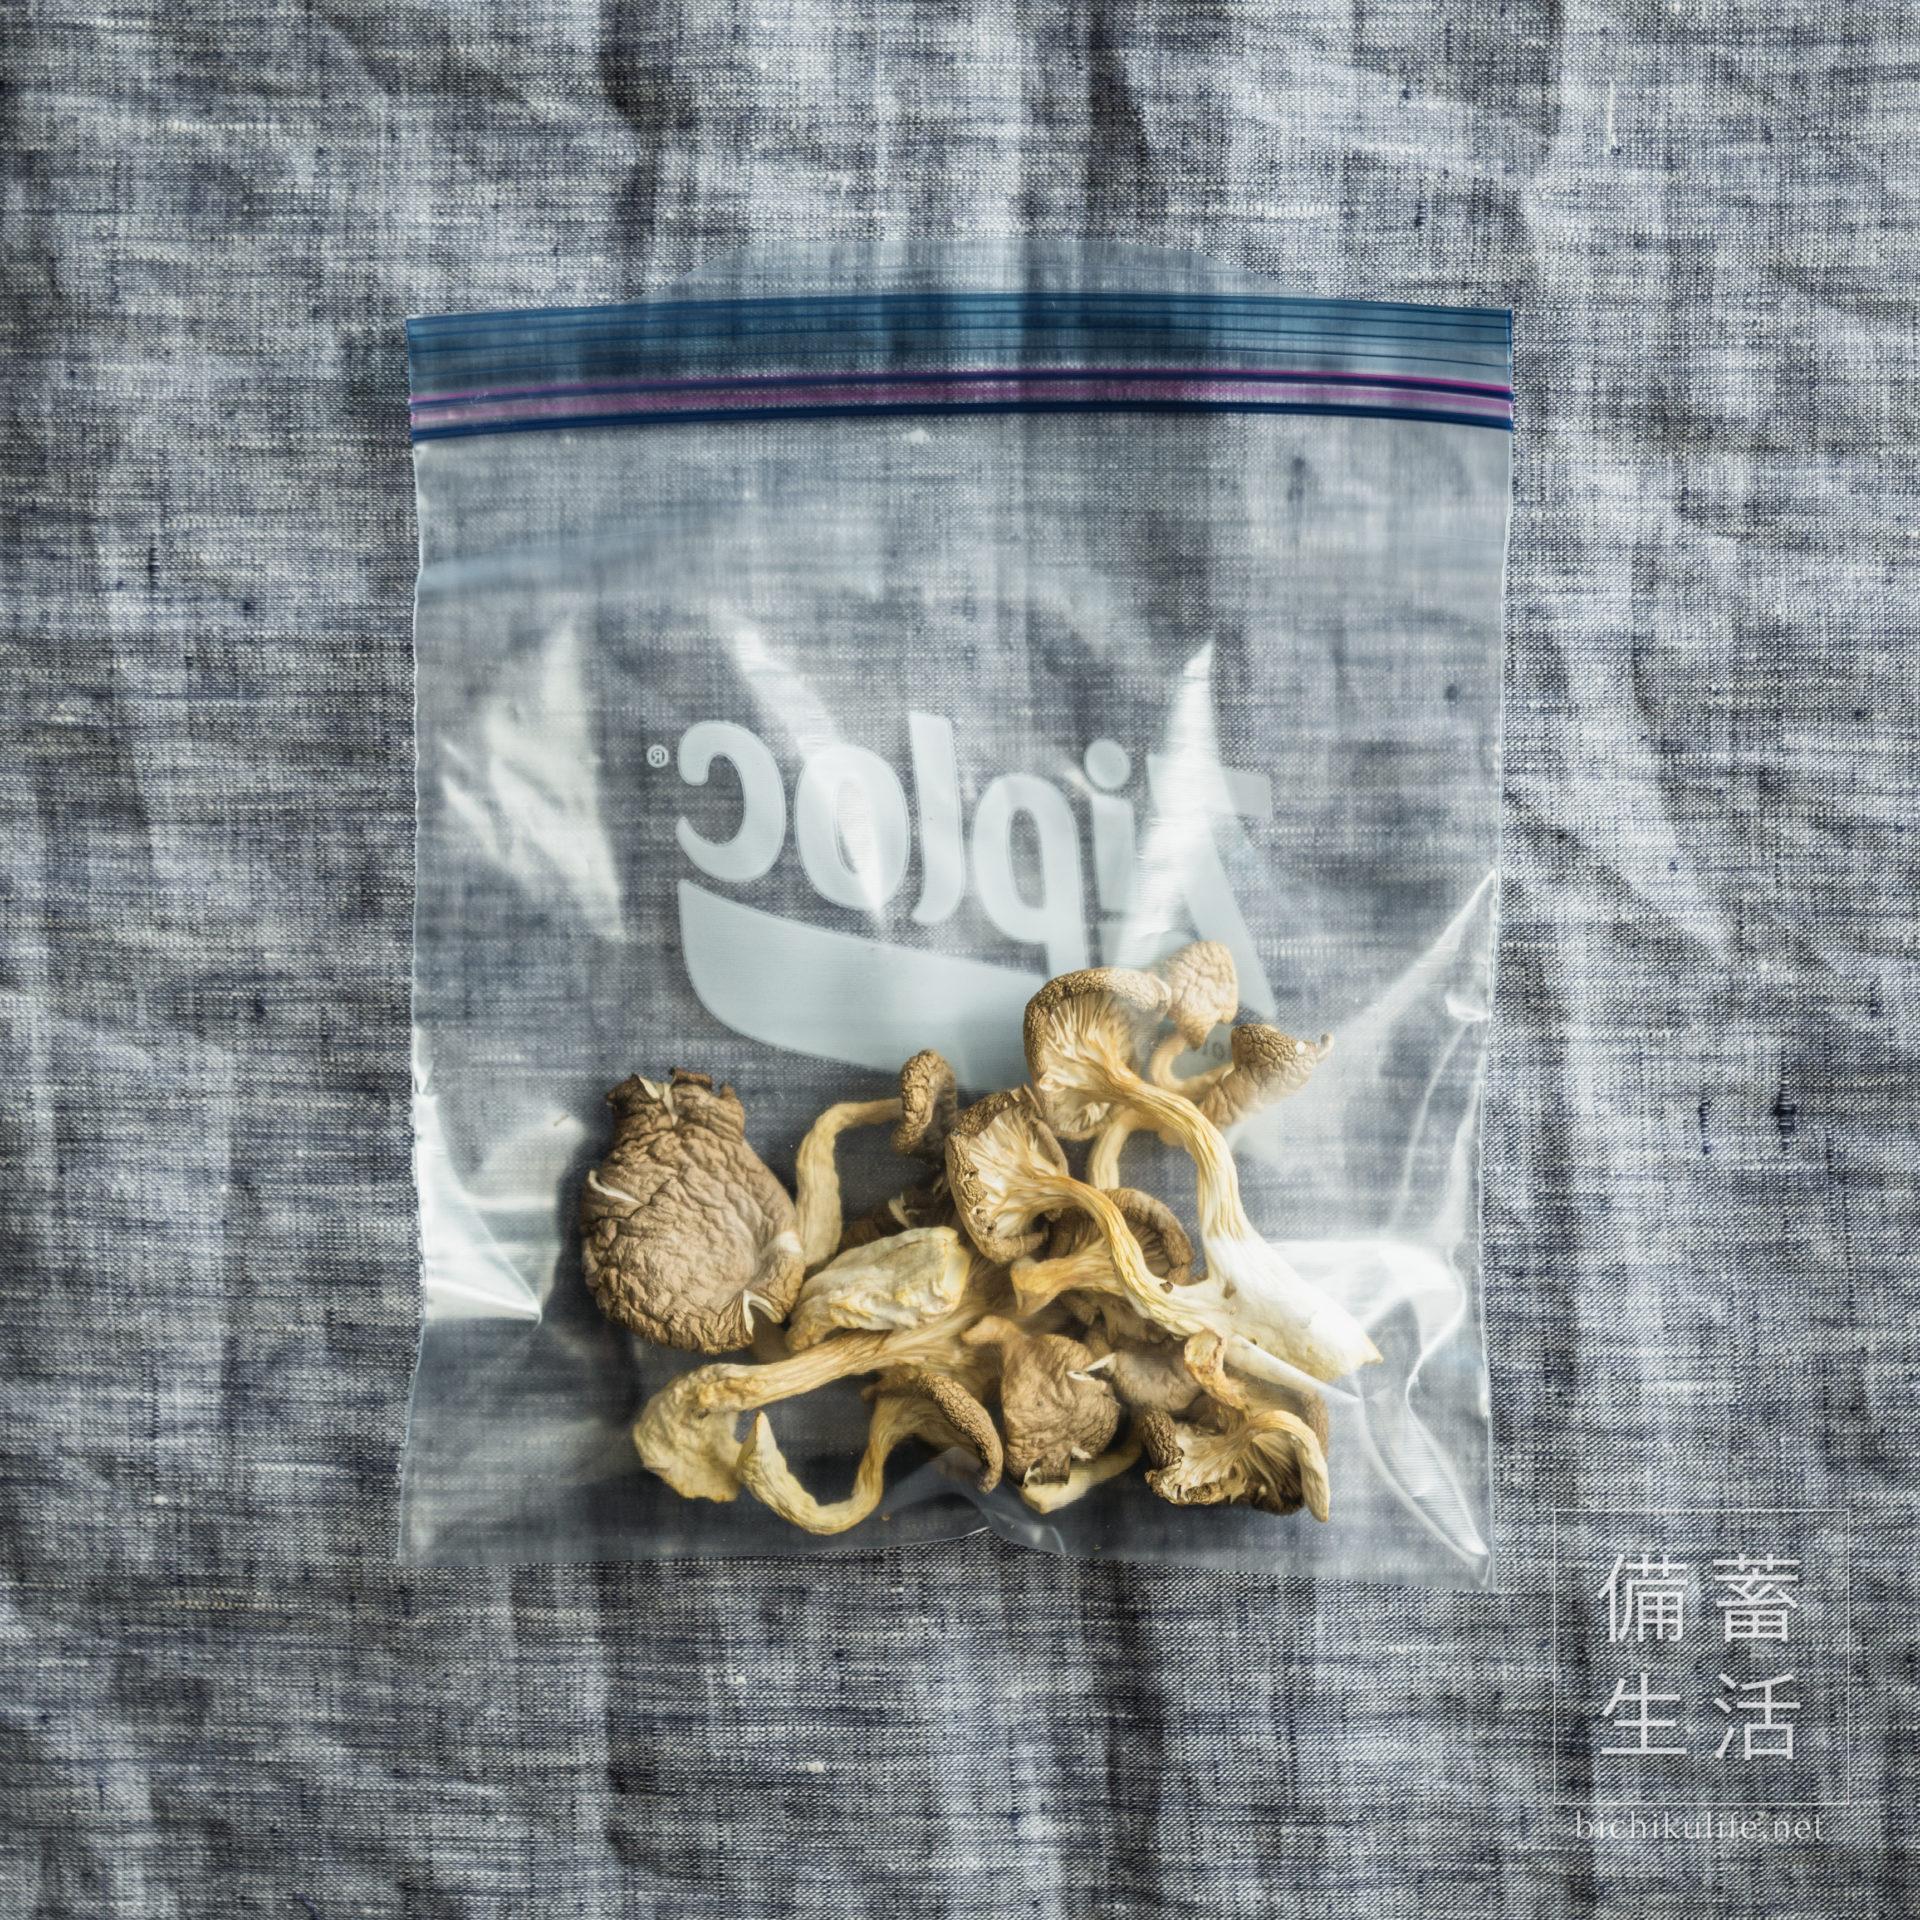 干しひら茸をジップロック(保存袋)で保存